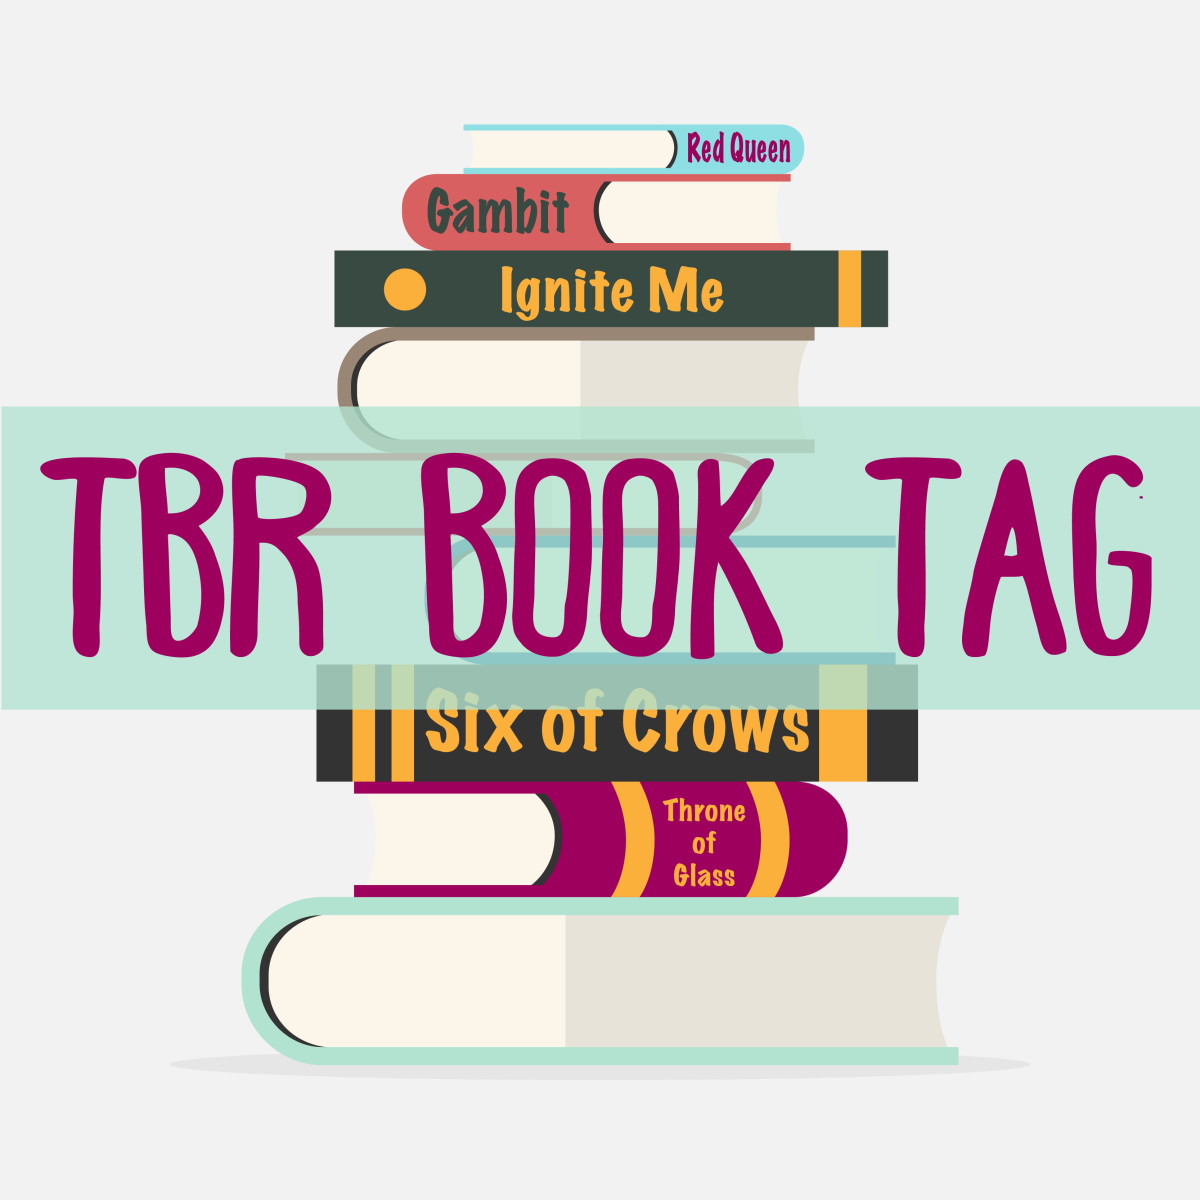 TBR Book Tag